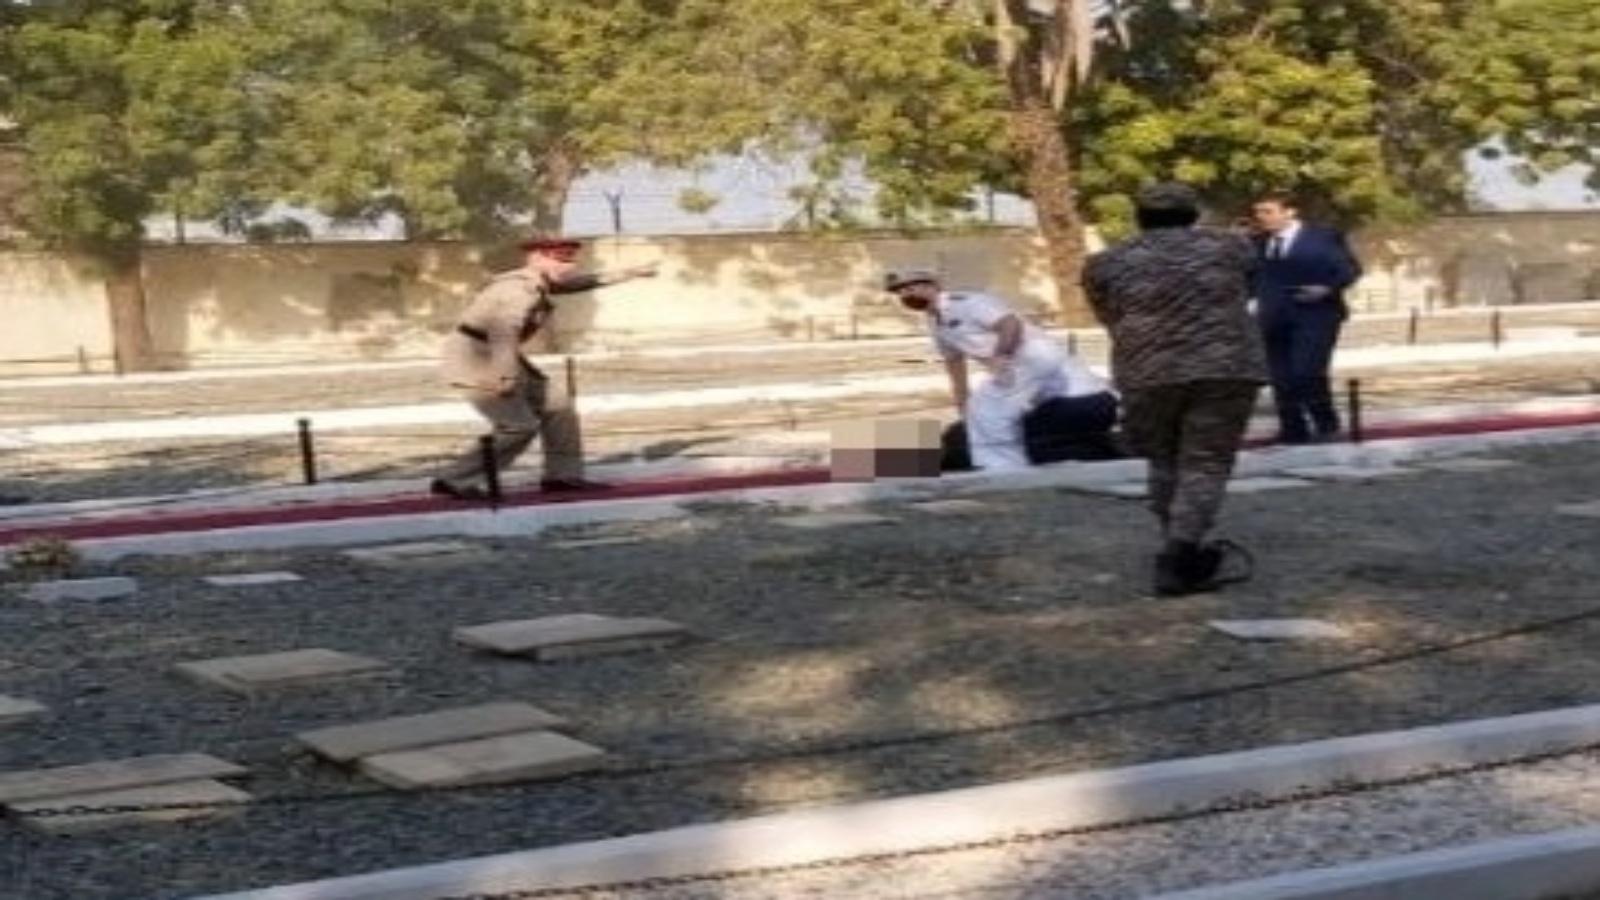 السعودية نيوز |  جريحان في اعتداء بعبوة ناسفة على مقبرة لغير المسلمين في جدة